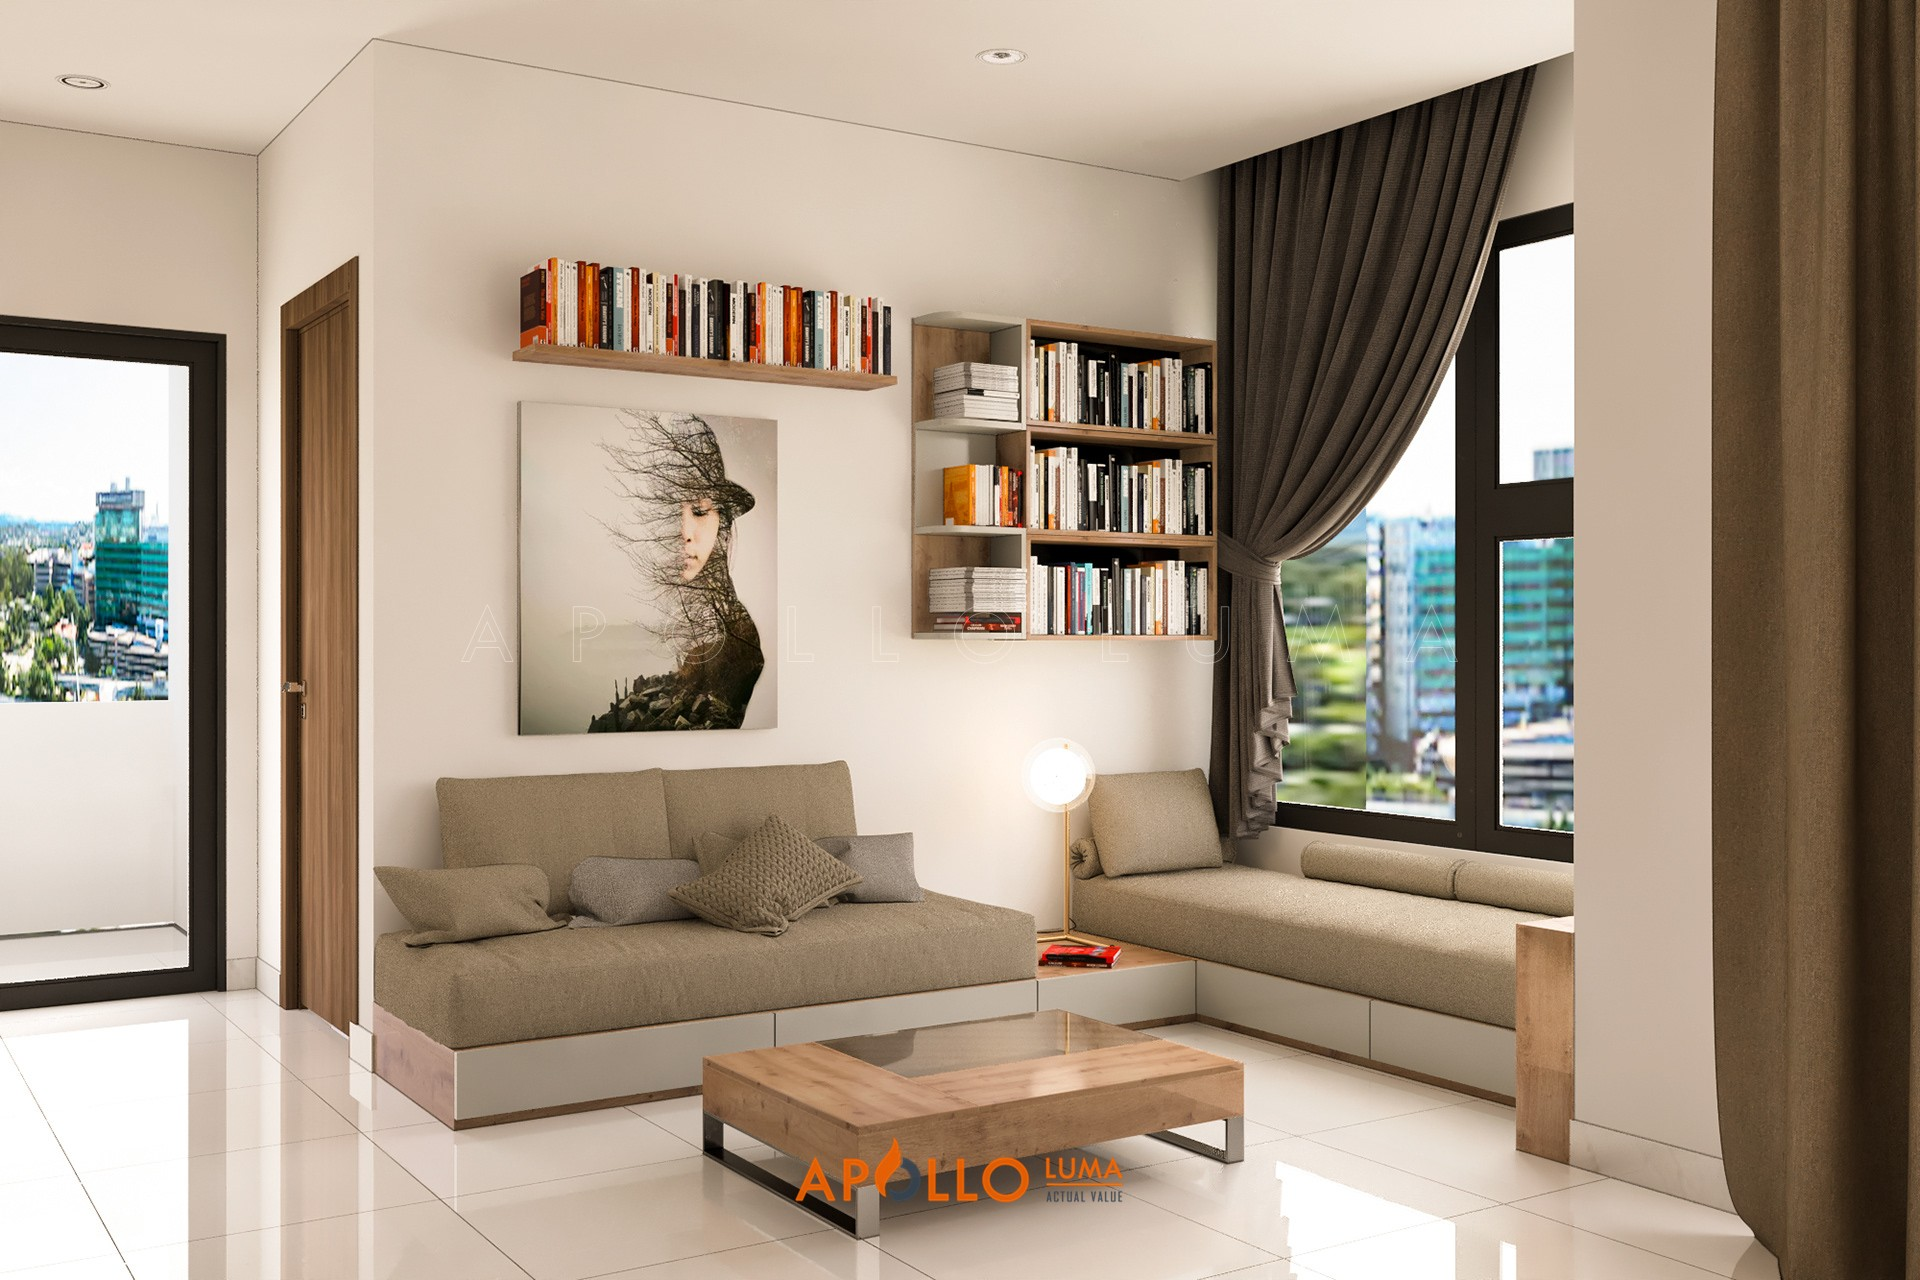 Thiết kế nội thất căn 2PN+2WC (65m2) S4.01-13 Vinhomes Smart City Tây Mỗ